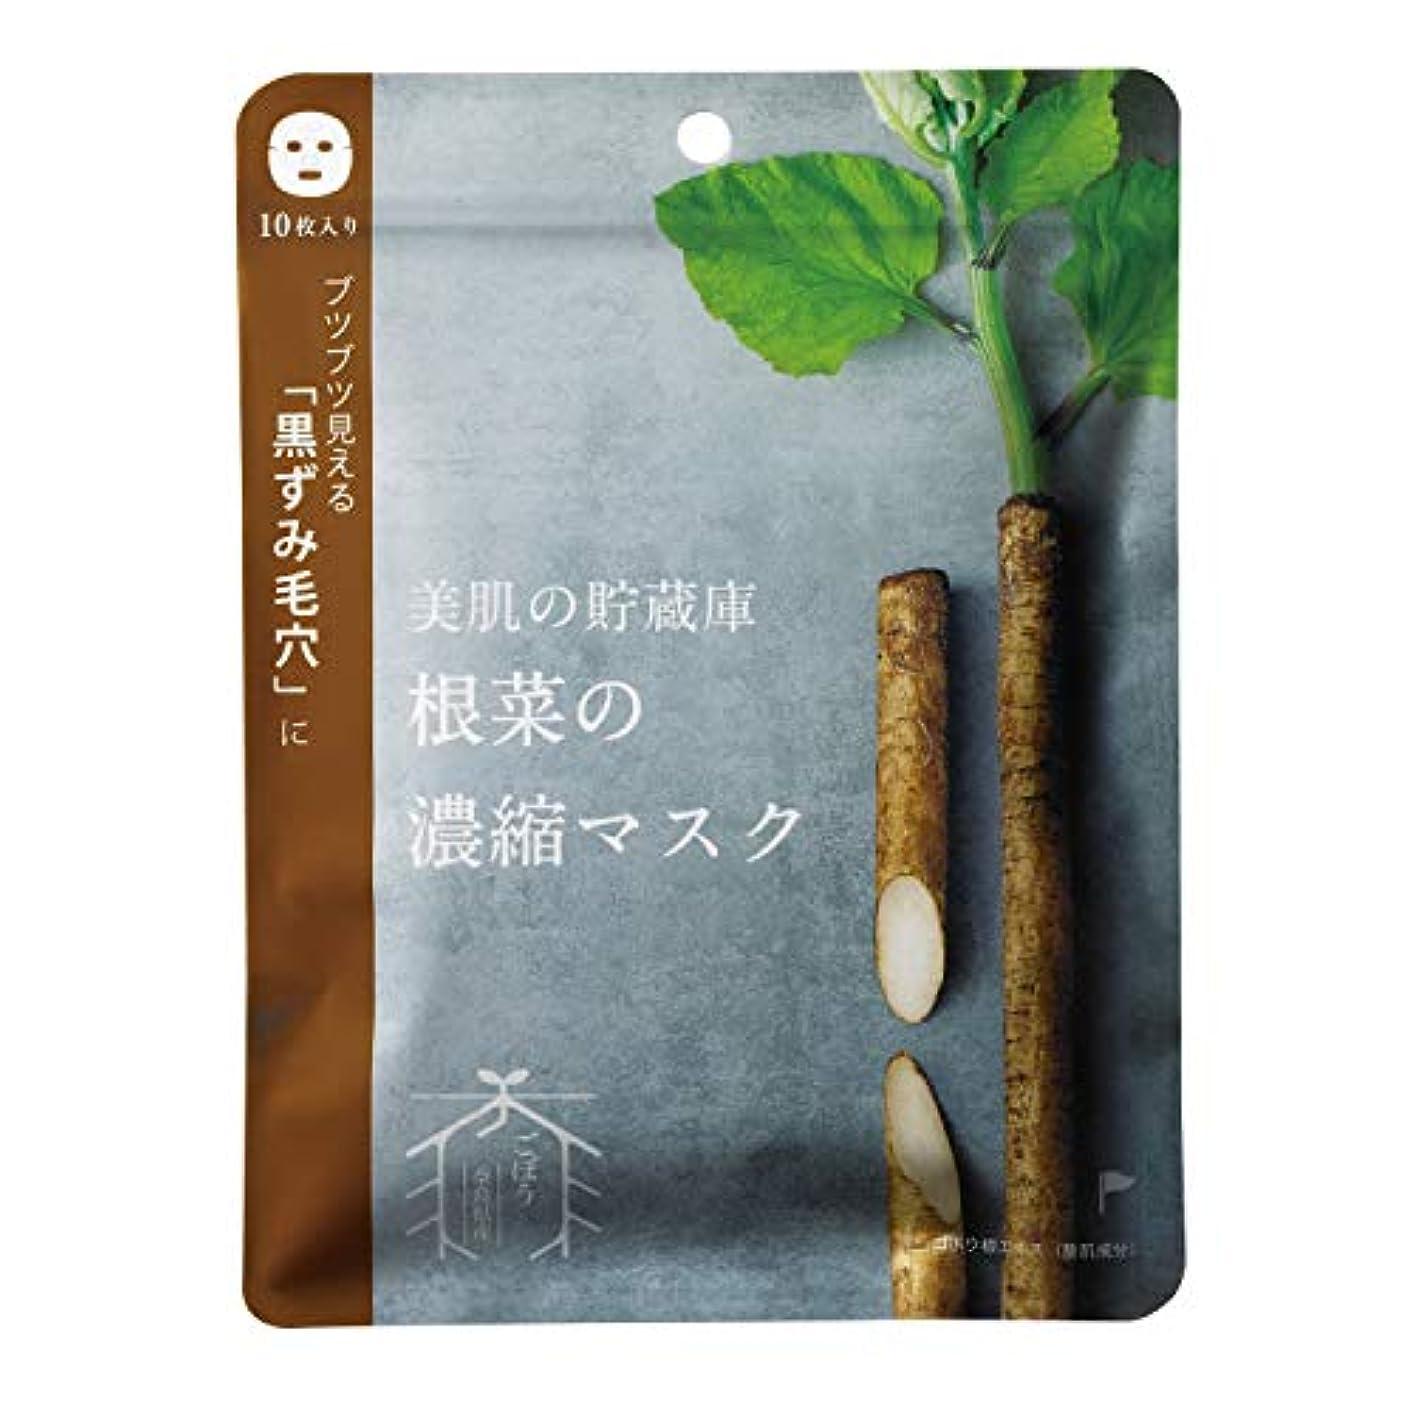 異なる擁する怠けた@cosme nippon 美肌の貯蔵庫 根菜の濃縮マスク 宇陀金ごぼう 10枚 160ml